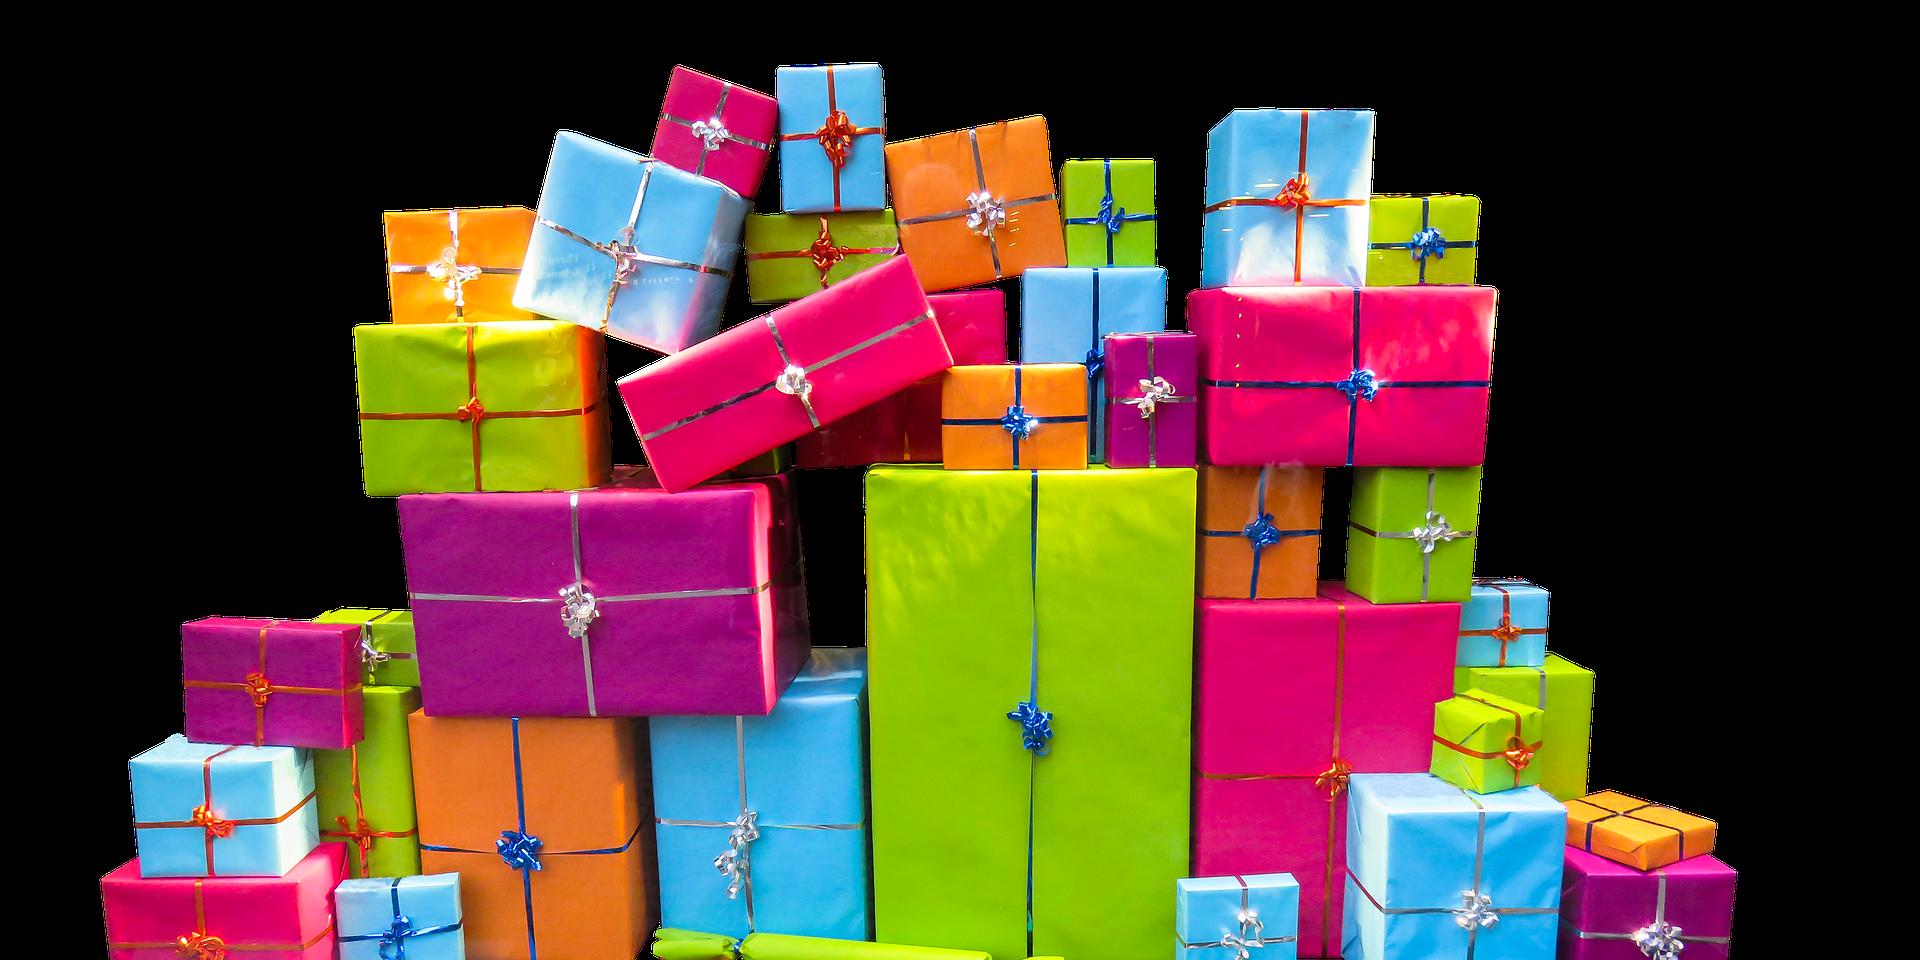 Kita Weihnachtsfeier Ideen.3 Ideen So Wird Aus Ihrer Kita Weihnachtsfeier Ein Fröhliches Team